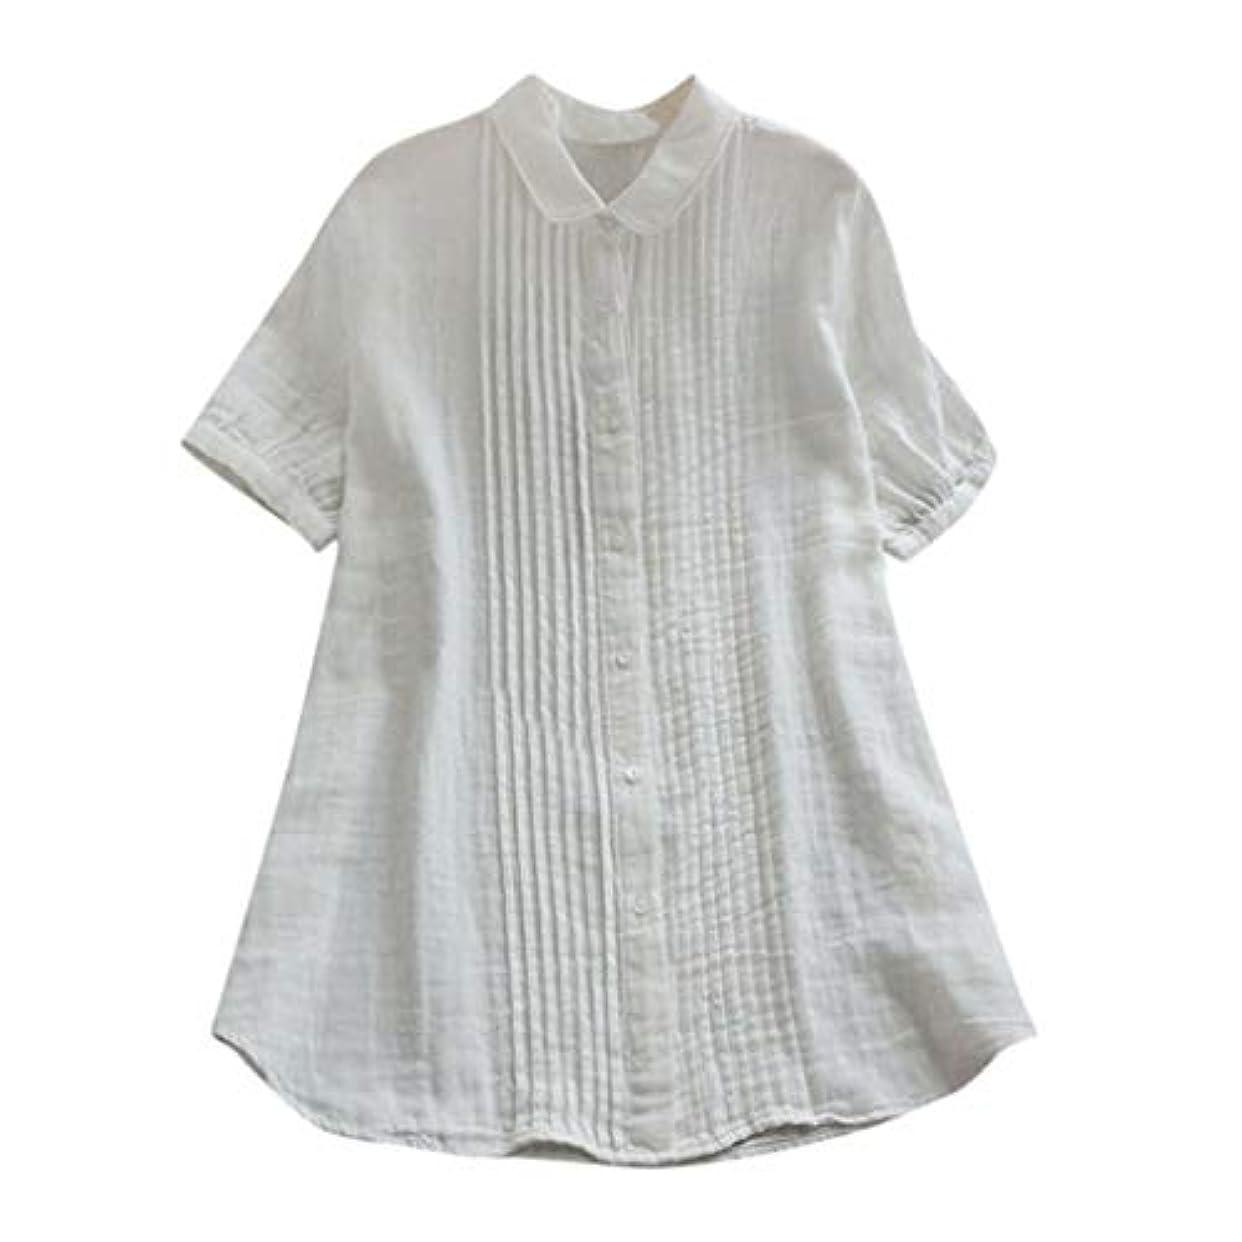 手綱作る同志女性の半袖Tシャツ - ピーターパンカラー夏緩い無地カジュアルダウントップスブラウス (白, S)